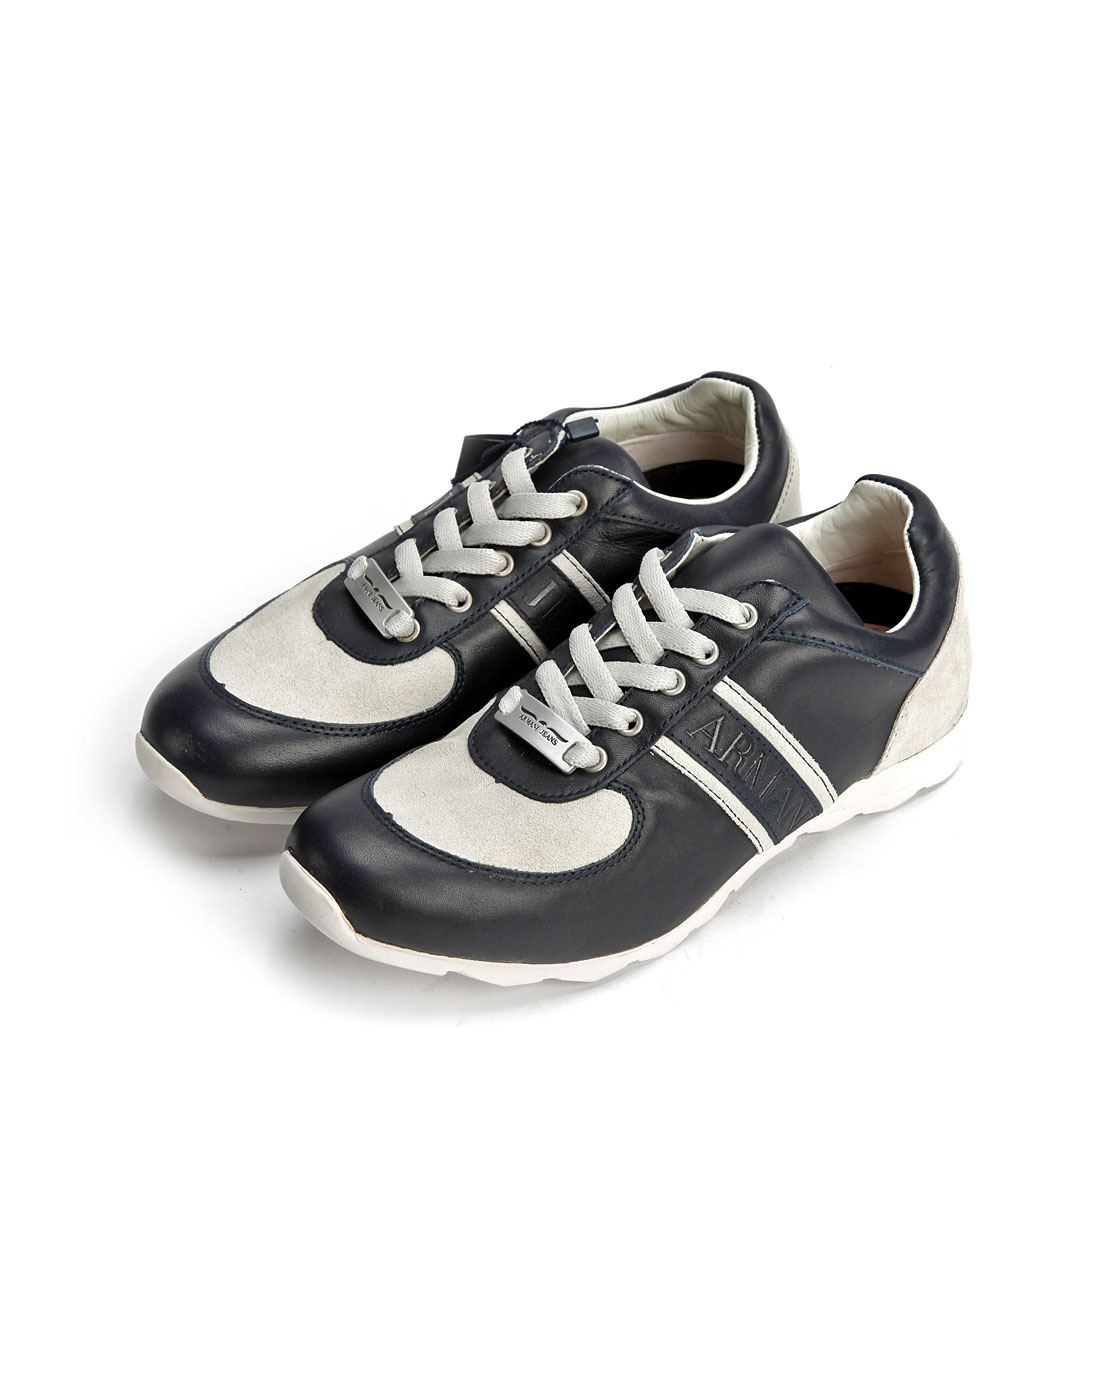 armani鞋子专场aj男款深蓝/白色休闲运动鞋f6v6786k5